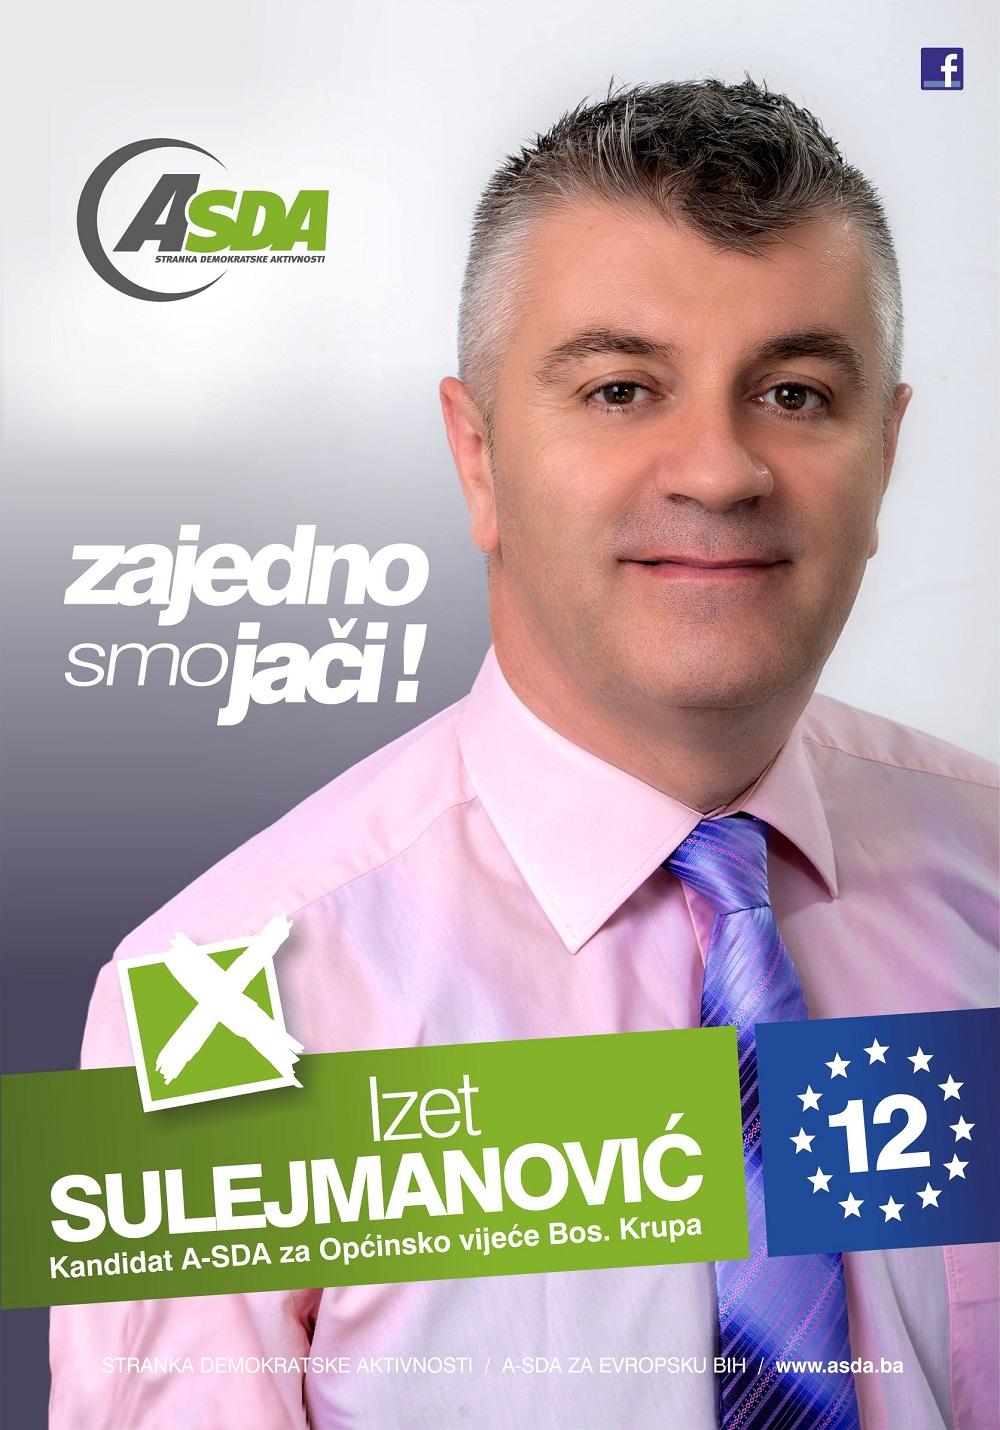 Izet Sulejmanović